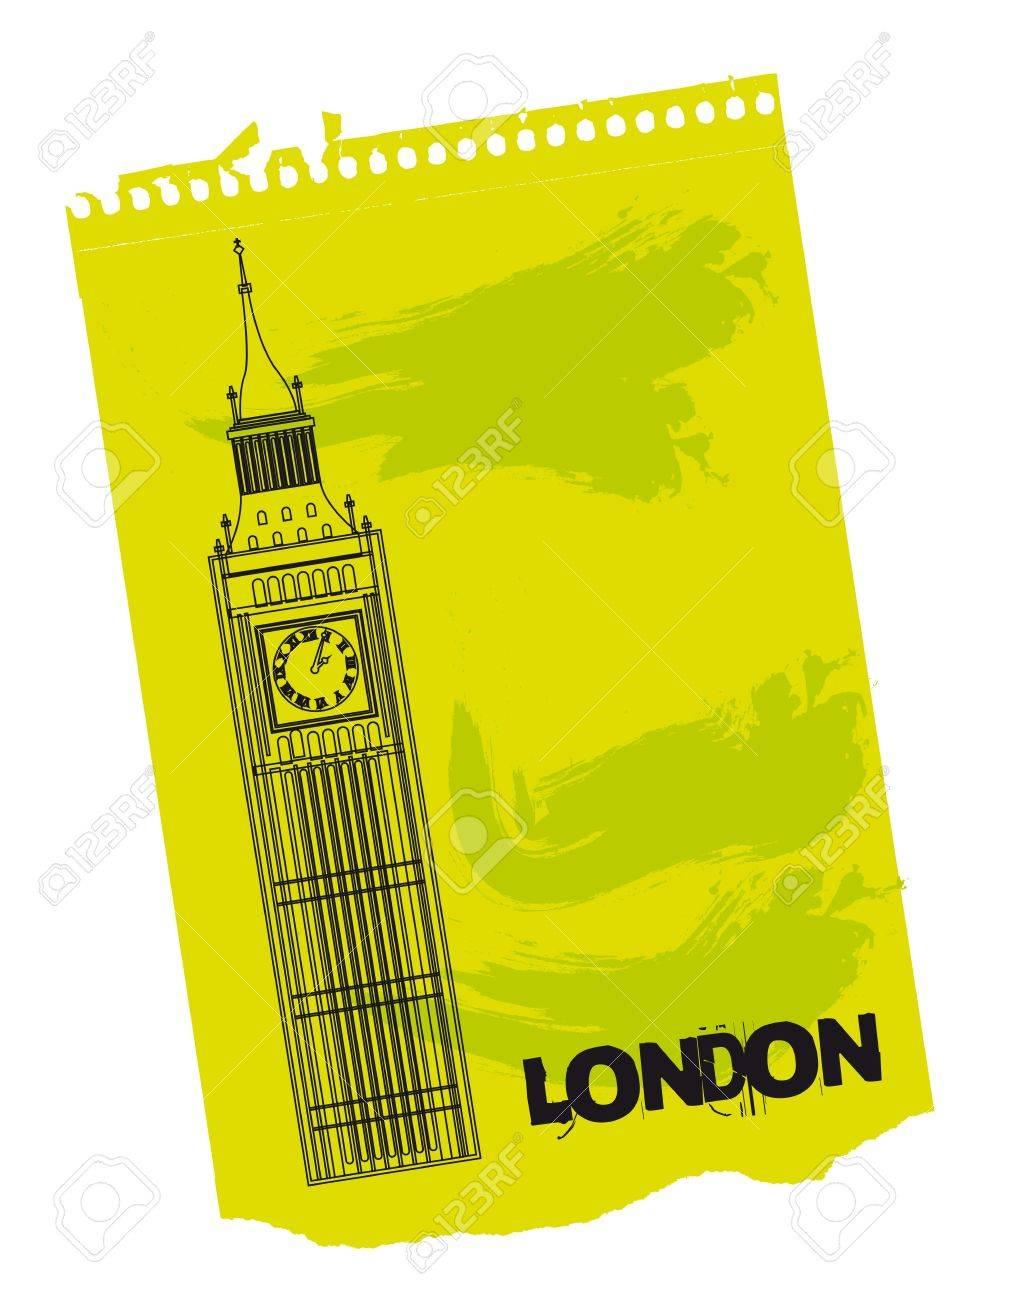 緑色の紙の上のロンドンの時計台ベクトル イラストのイラスト素材